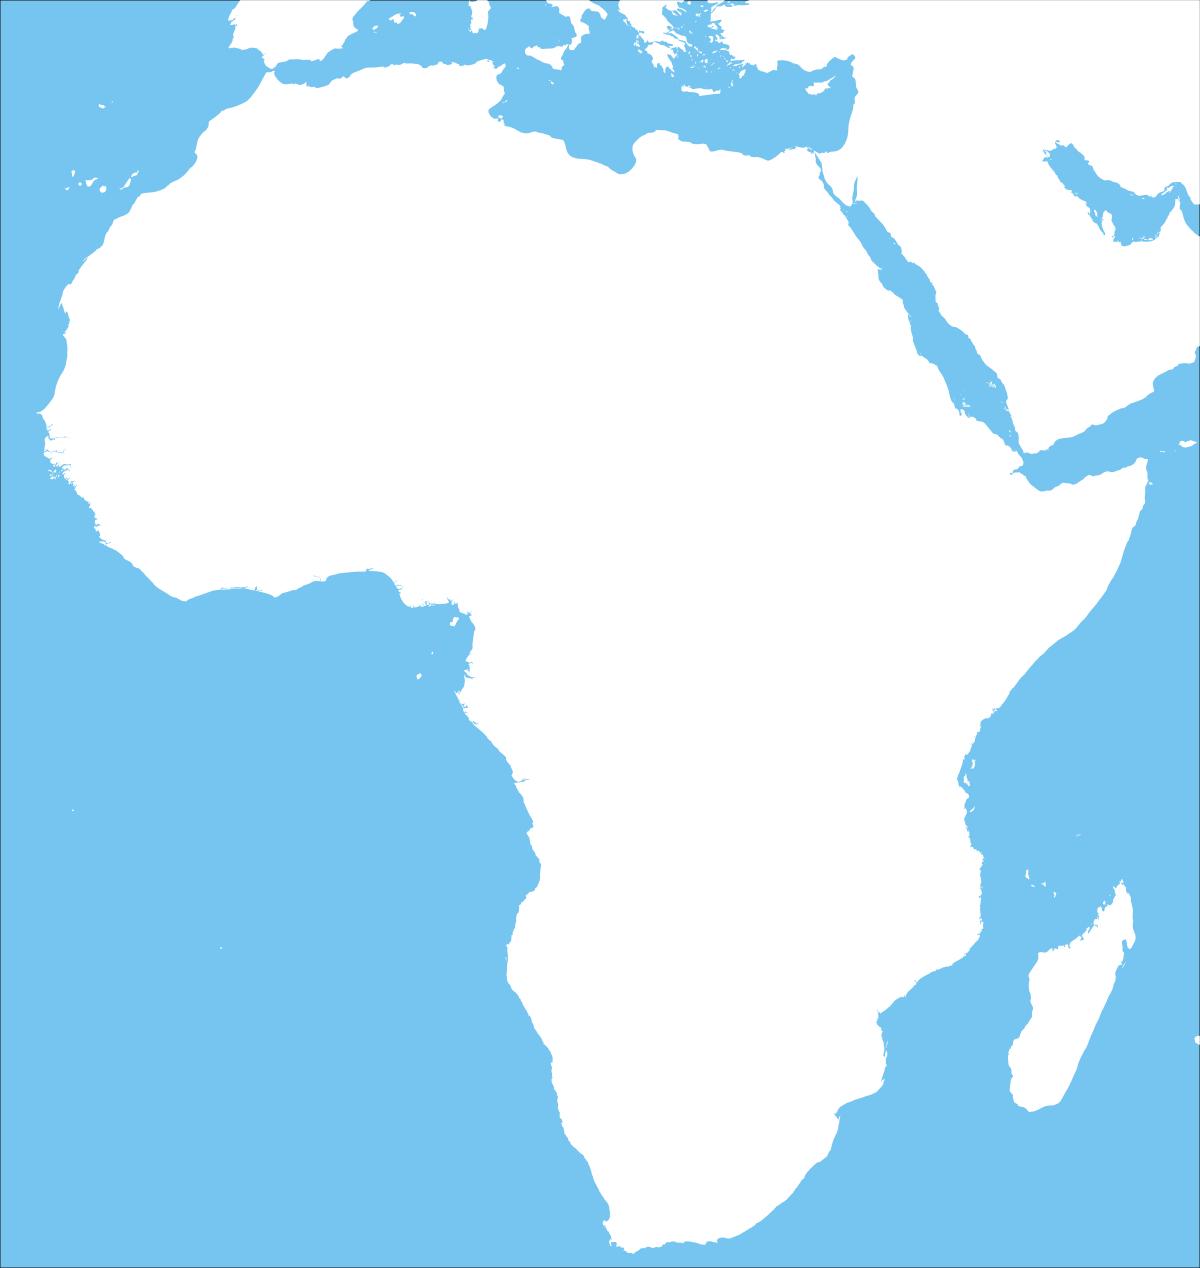 Mobius: Las mejores oportunidades en emergentes están en África